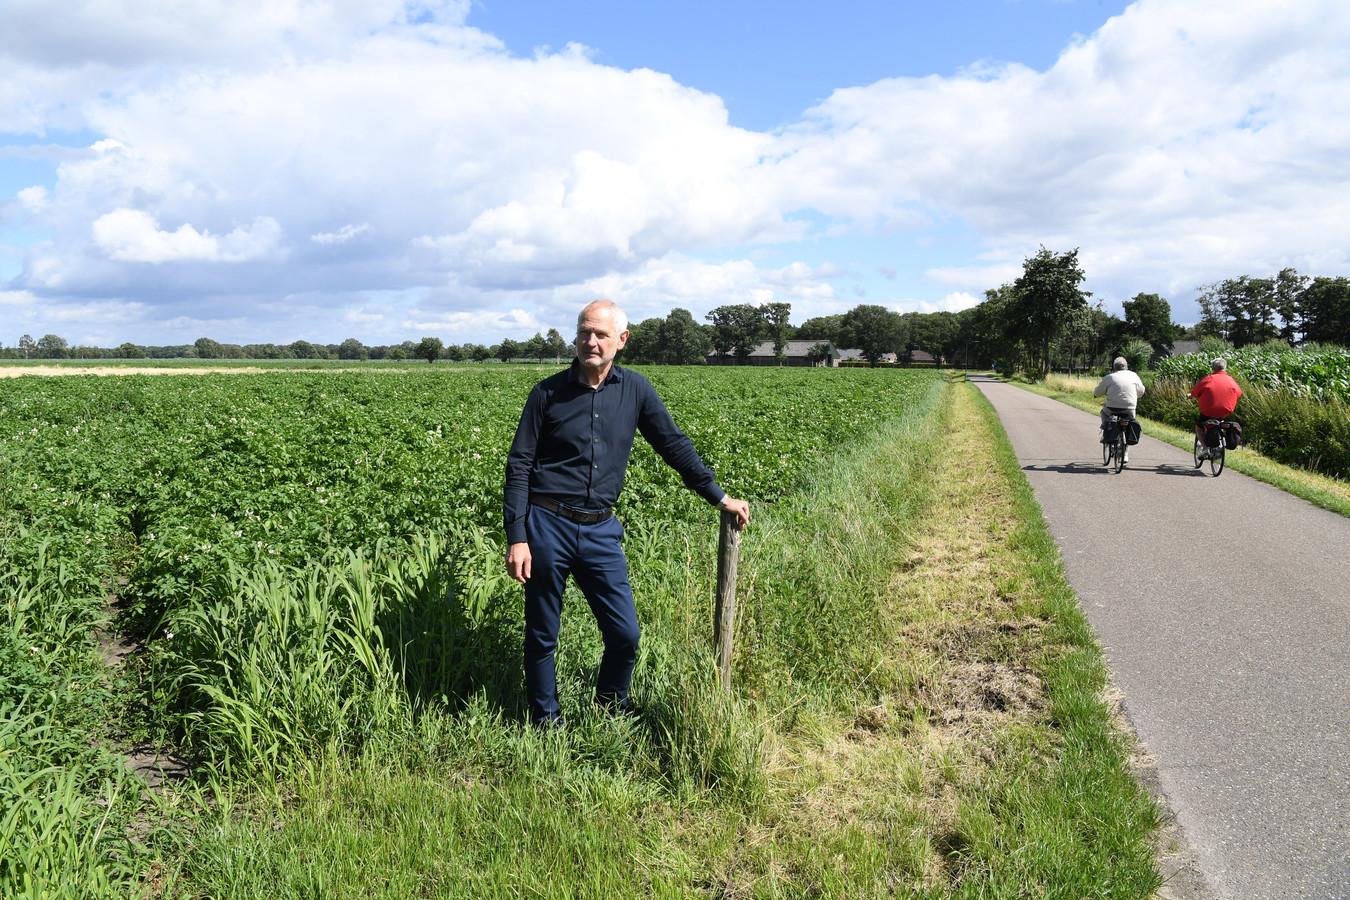 Omwonende Paul Kremers bij een deel van het akkerland dat tot zonnepark wordt gemaakt.